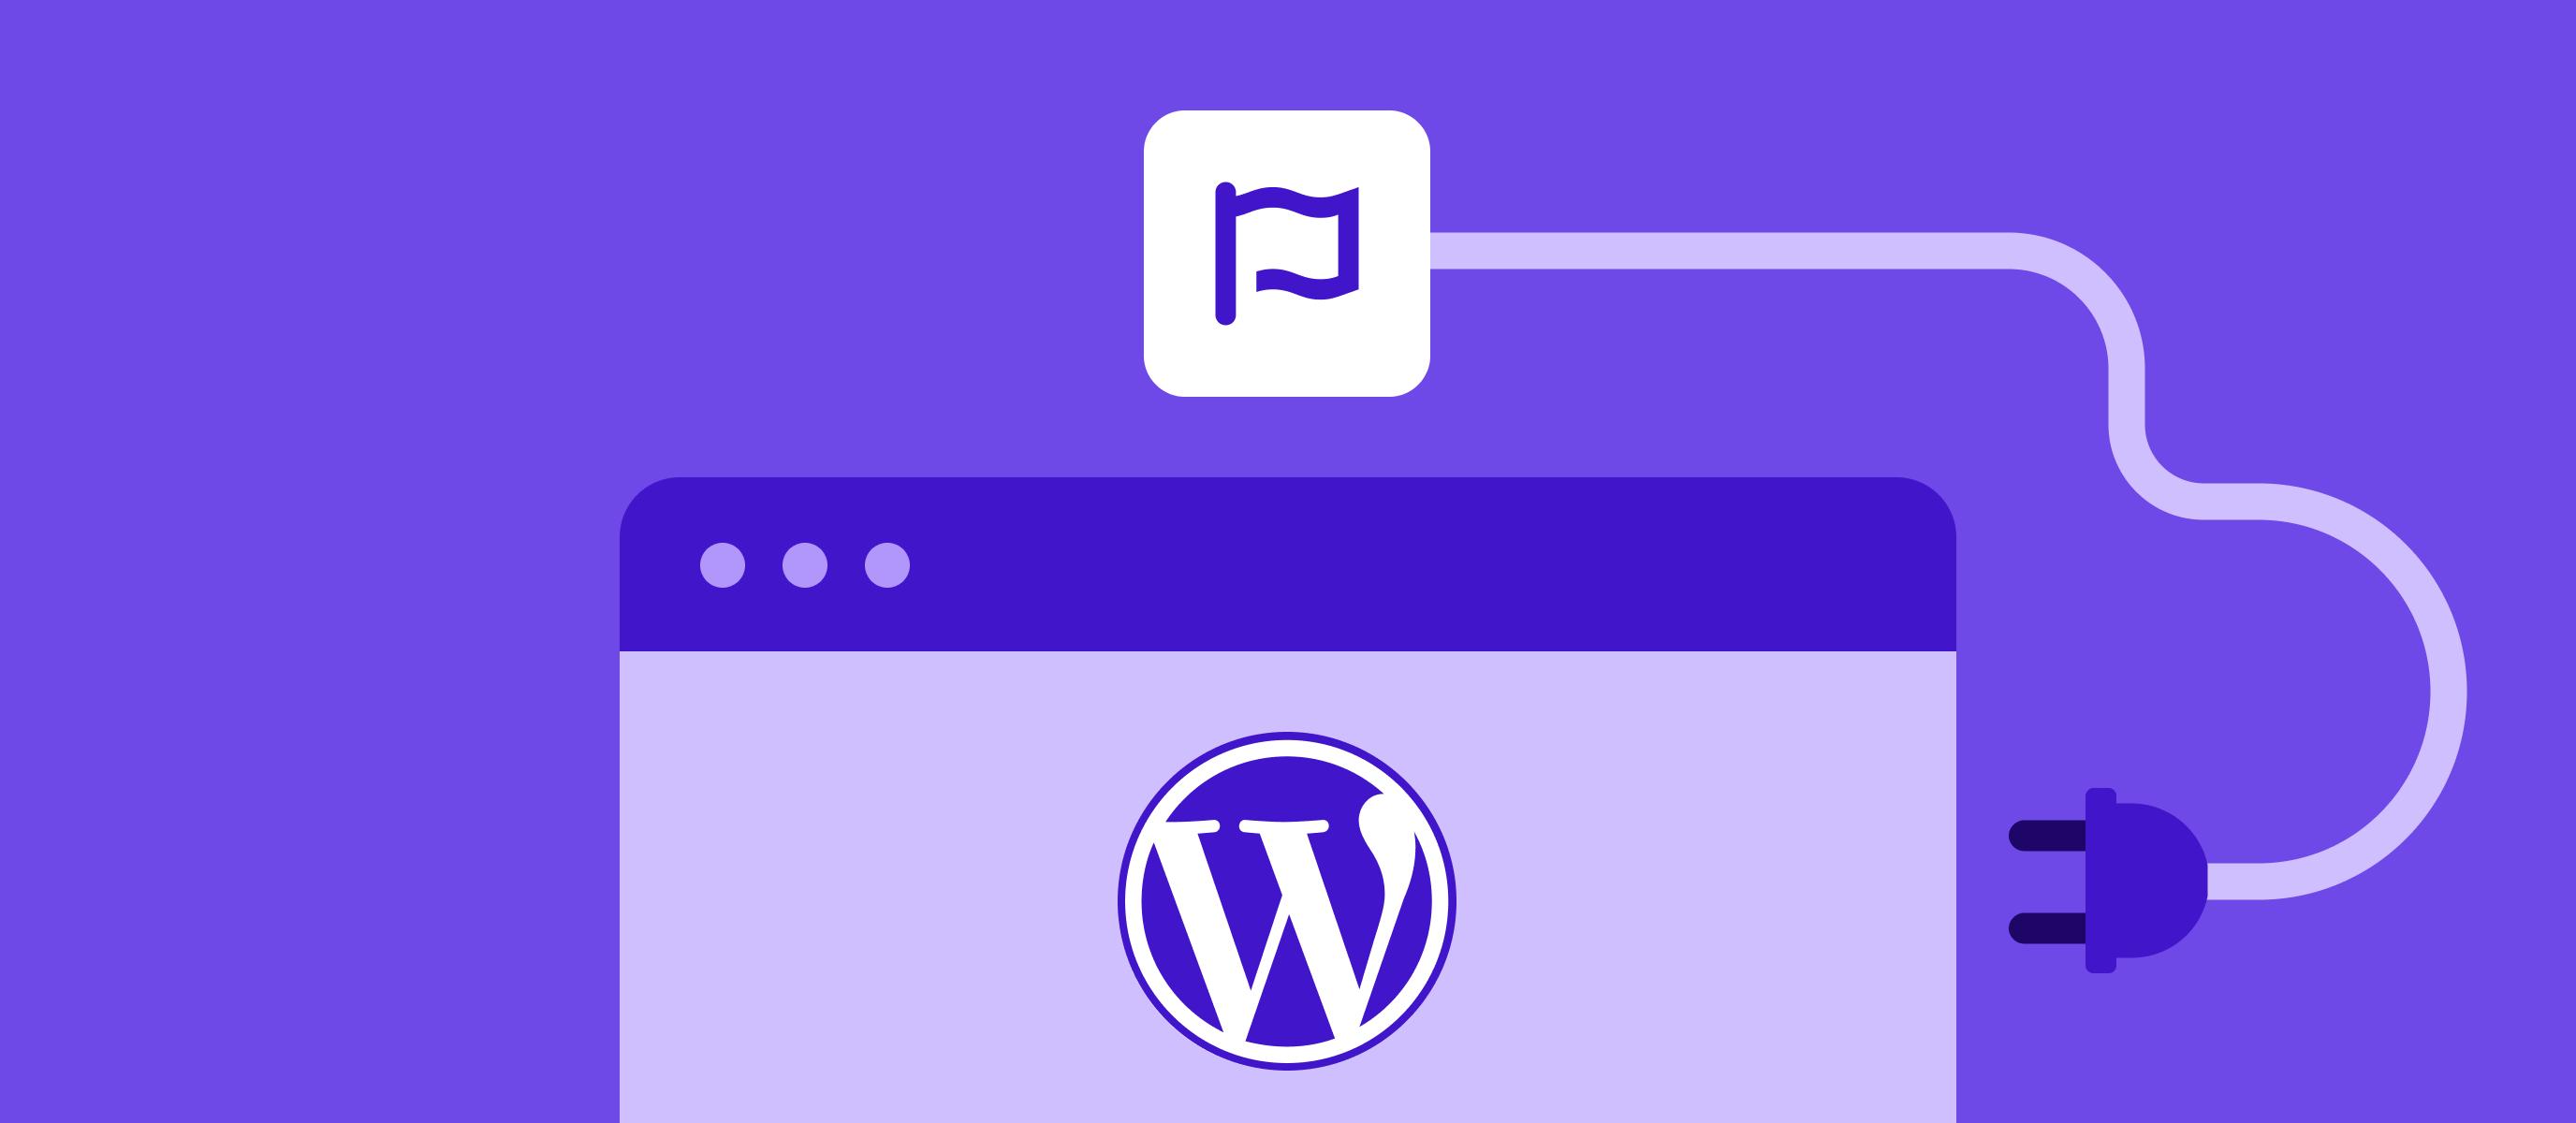 Font Awesome Flag Logo alongside WordPress Logo